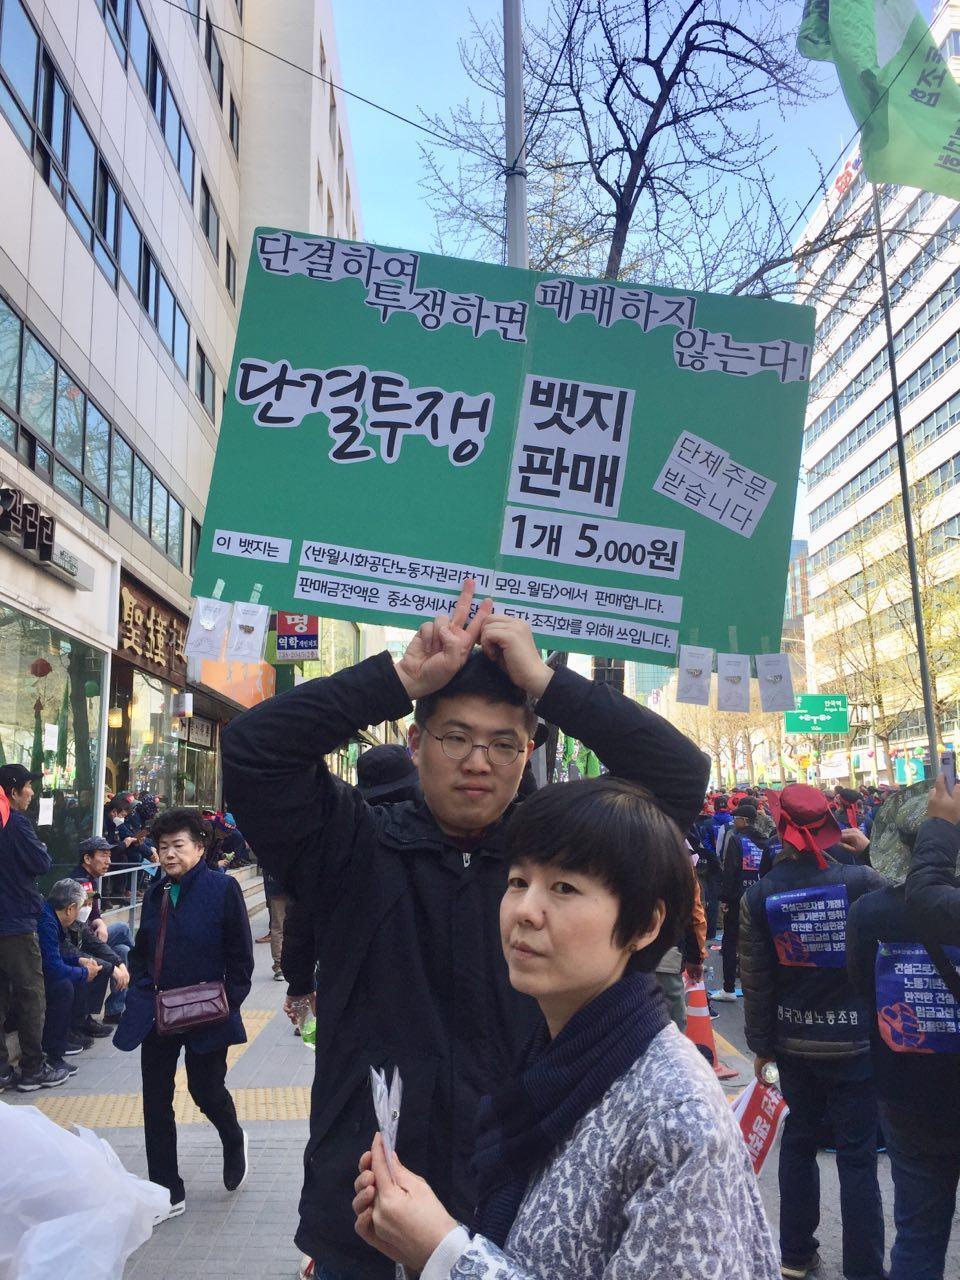 2 2019.4.13. 월담 재정마련을 위해 거리로 나선 필자 [출처 월담].jpg